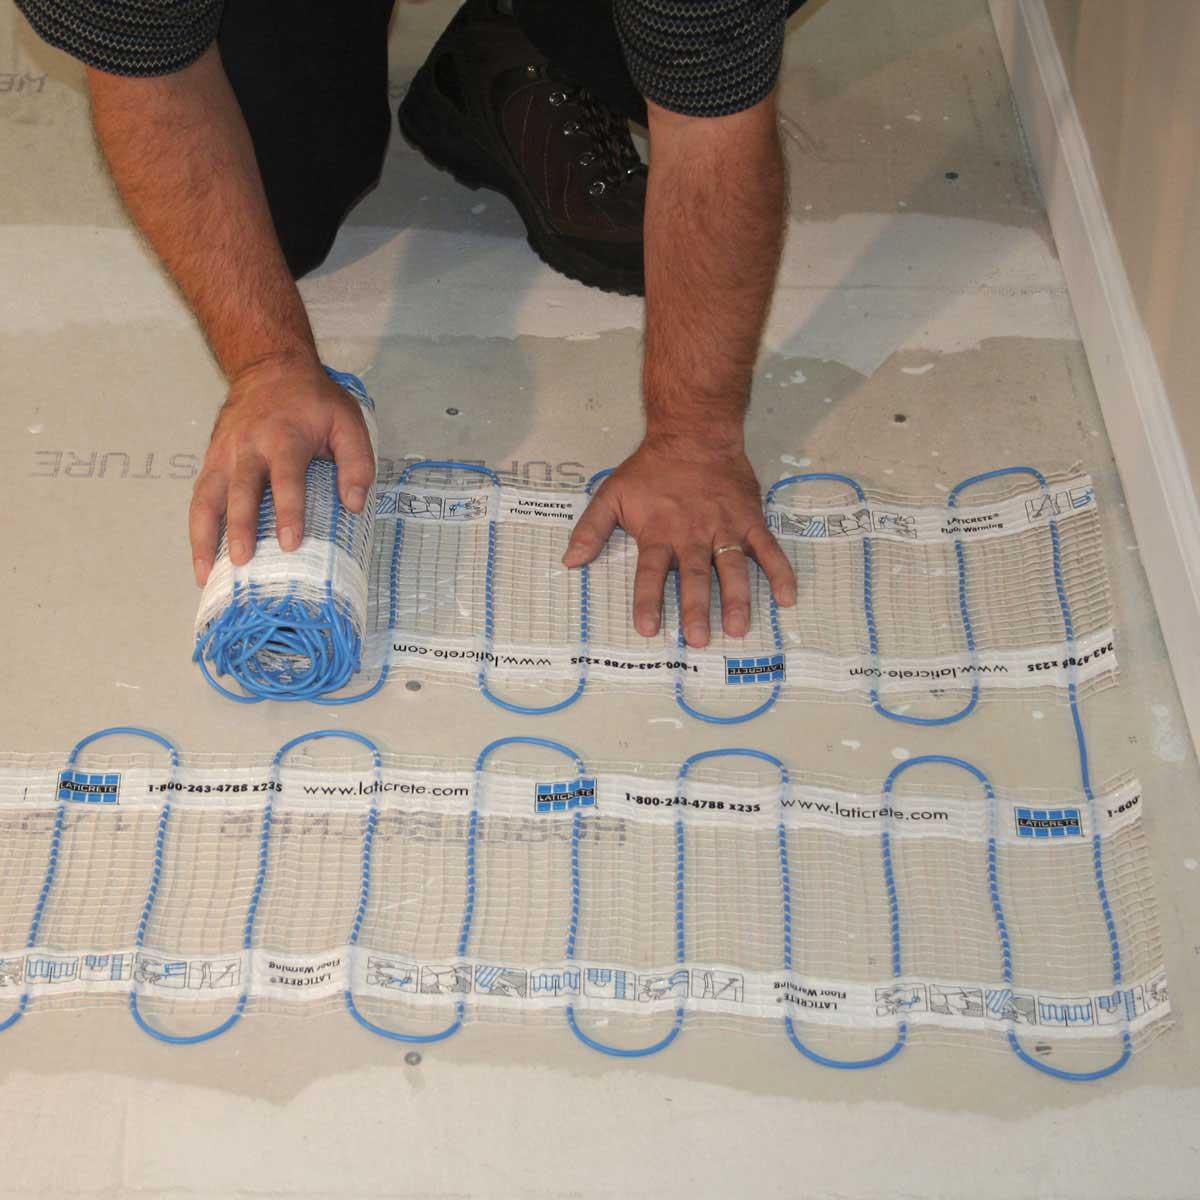 Laticrete Floor Heat Kit install